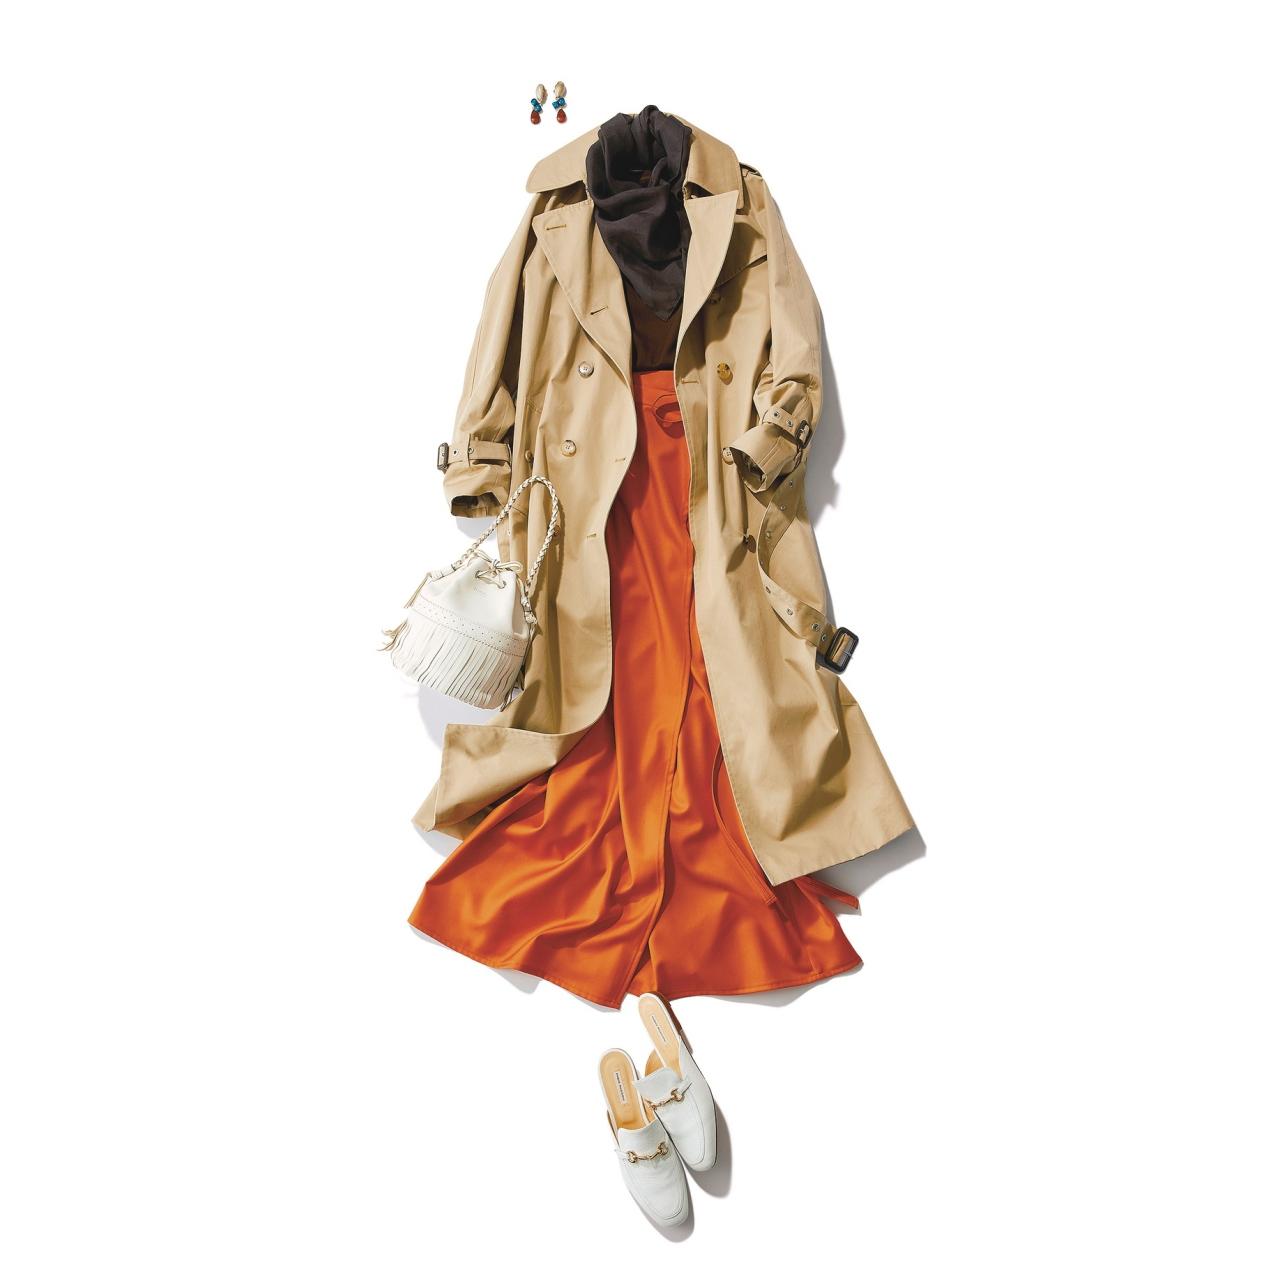 ベージュのトレンチコート×ニット&オレンジのラップスカートのファッションコーデ